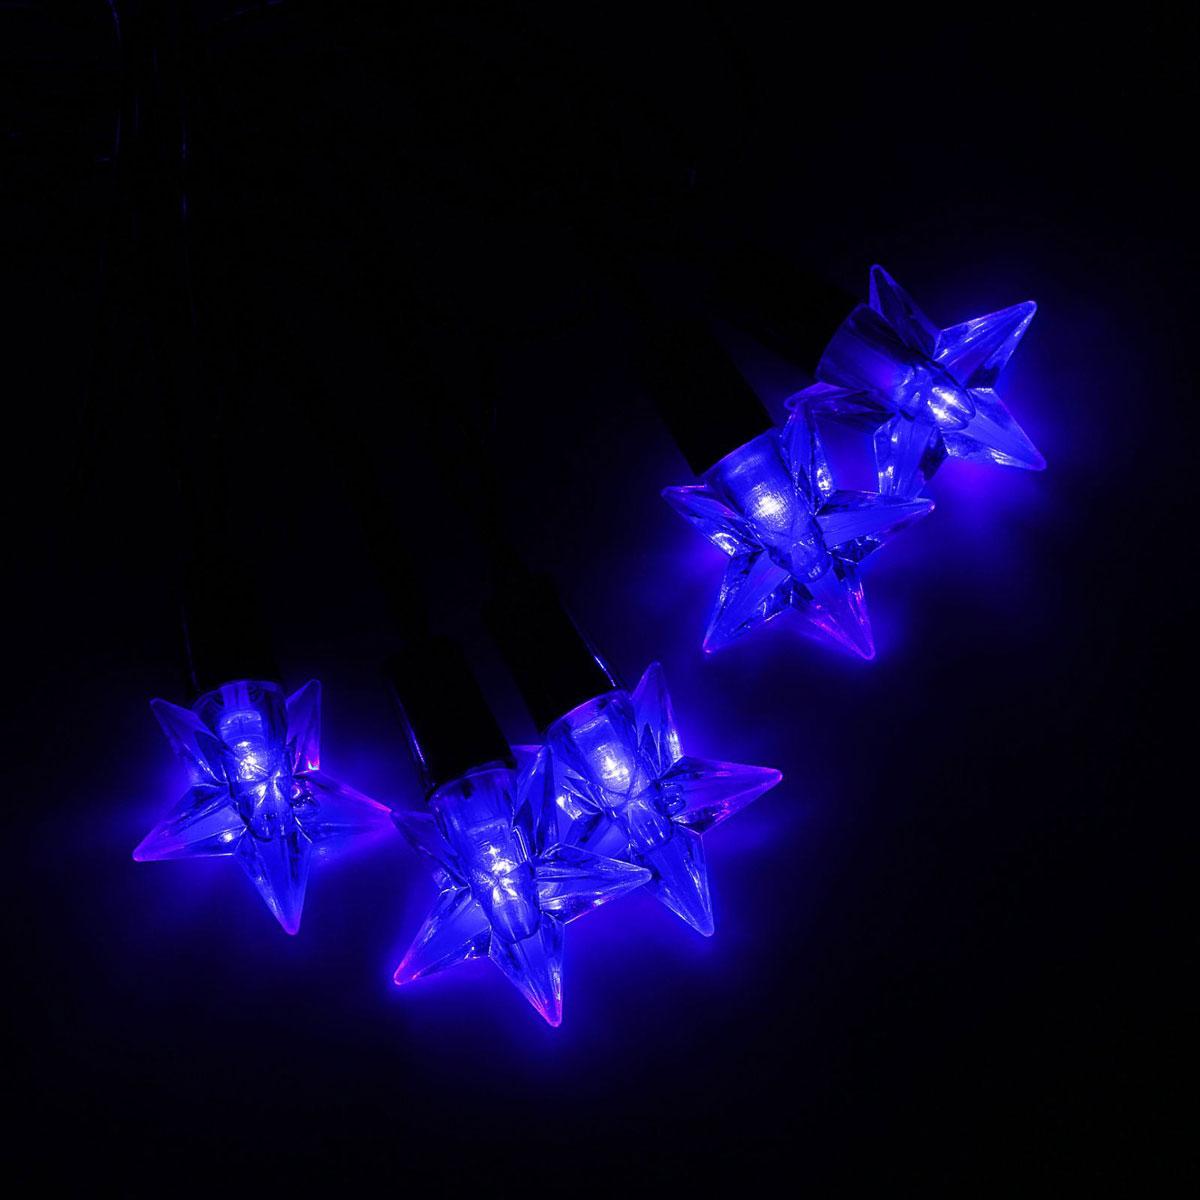 Гирлянда светодиодная Luazon Метраж. Звезда средняя, уличная с насадкой, 8 режимов, 40 ламп, 220 V, 5 м, цвет: синий. 1080100BH0422_кошкиСветодиодные гирлянды, ленты и т.д. — это отличный вариант для новогоднего оформления интерьера или фасада. С их помощью помещение любого размера можно превратить в праздничный зал, а внешние элементы зданий, украшенные ими, мгновенно станут напоминать очертания сказочного дворца. Такие украшения создают ауру предвкушения чуда. Деревья, фасады, витрины, окна и арки будто специально созданы, чтобы вы украсили их светящимися нитями.